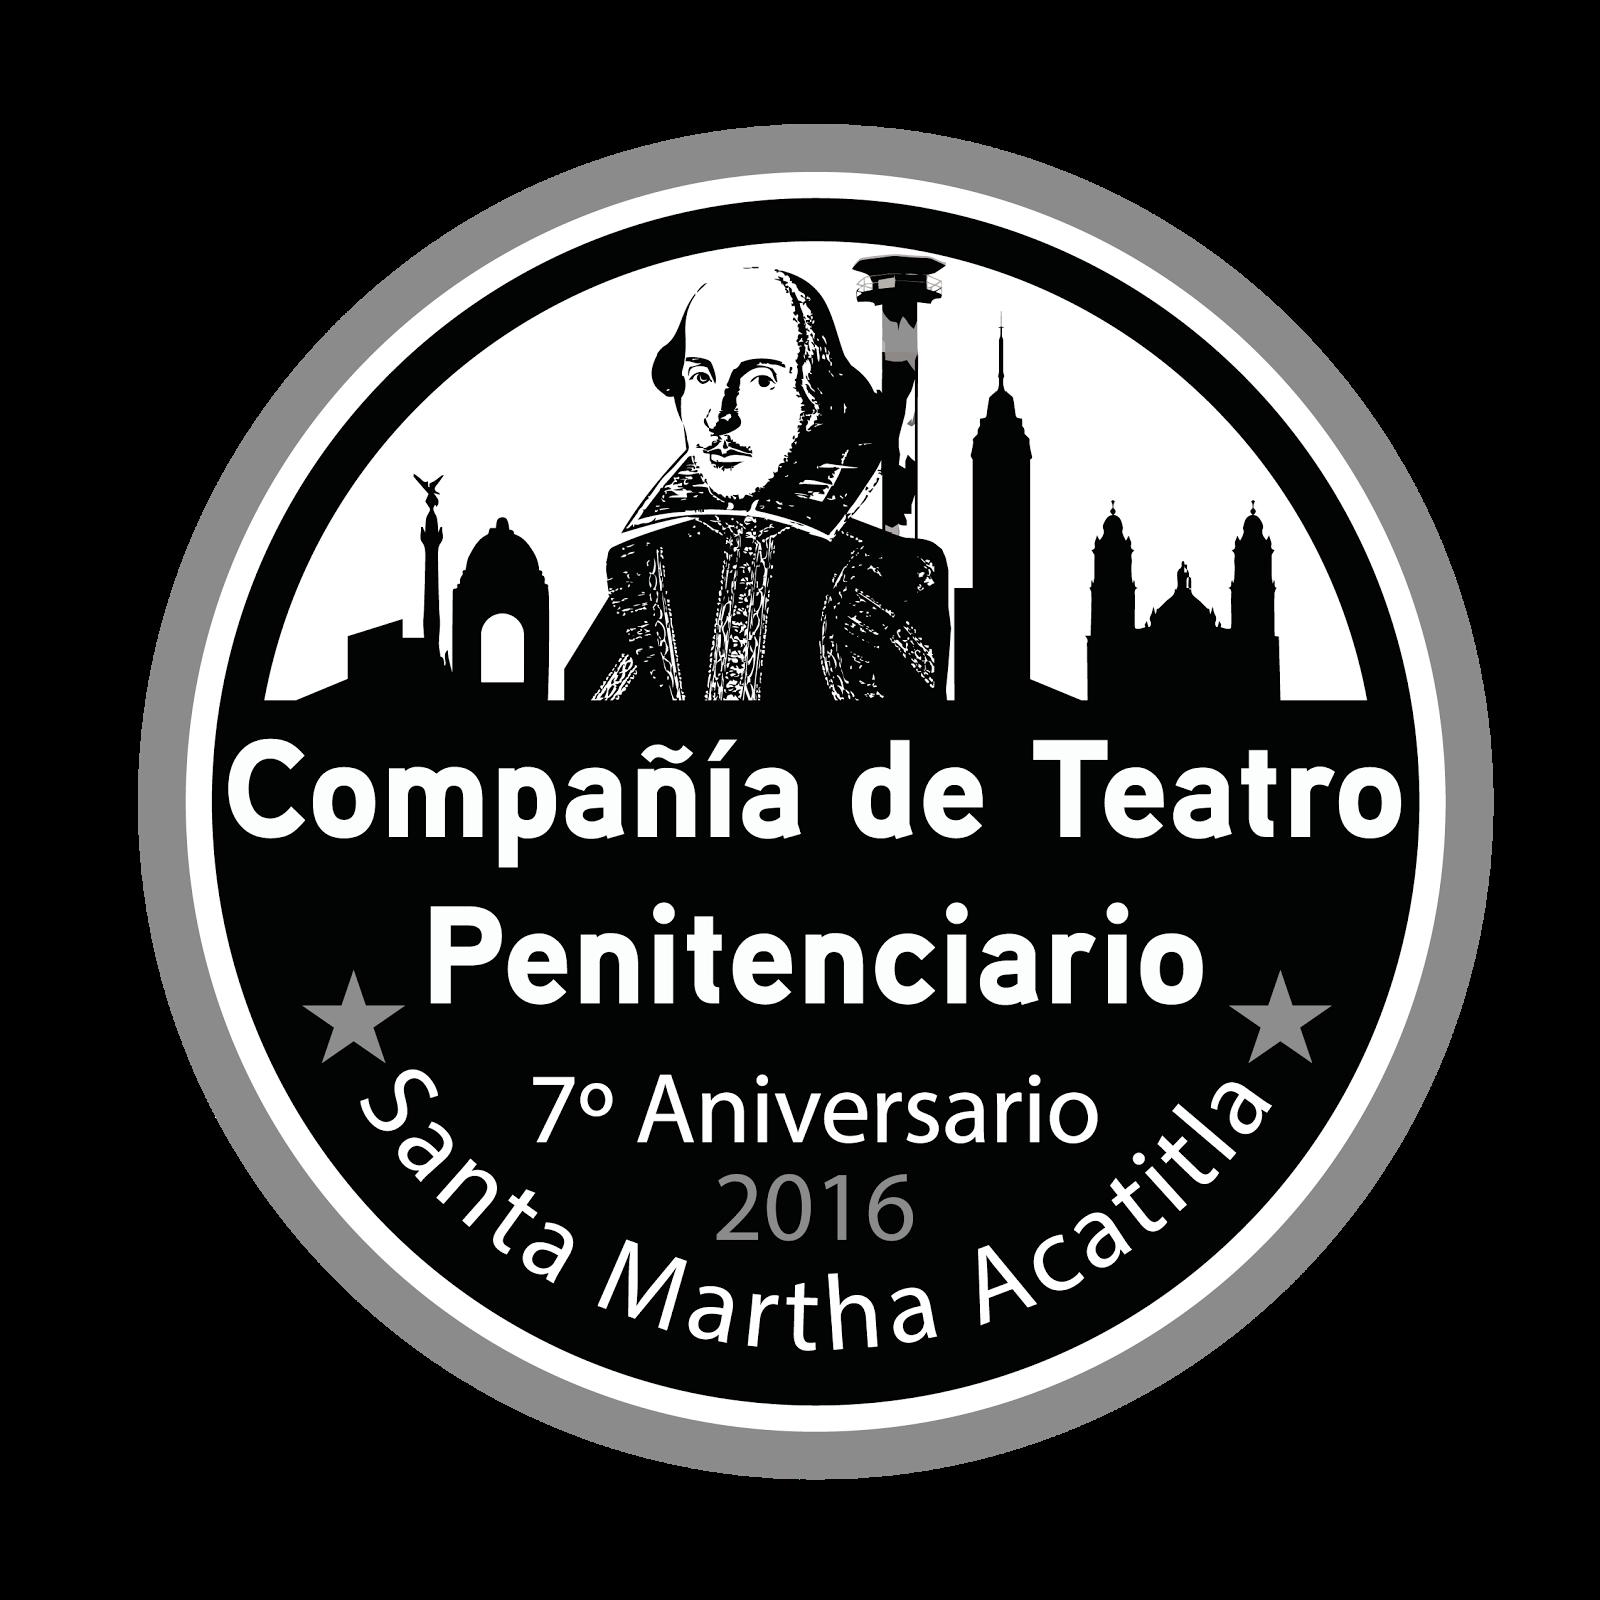 Compañía de Teatro Penitenciario